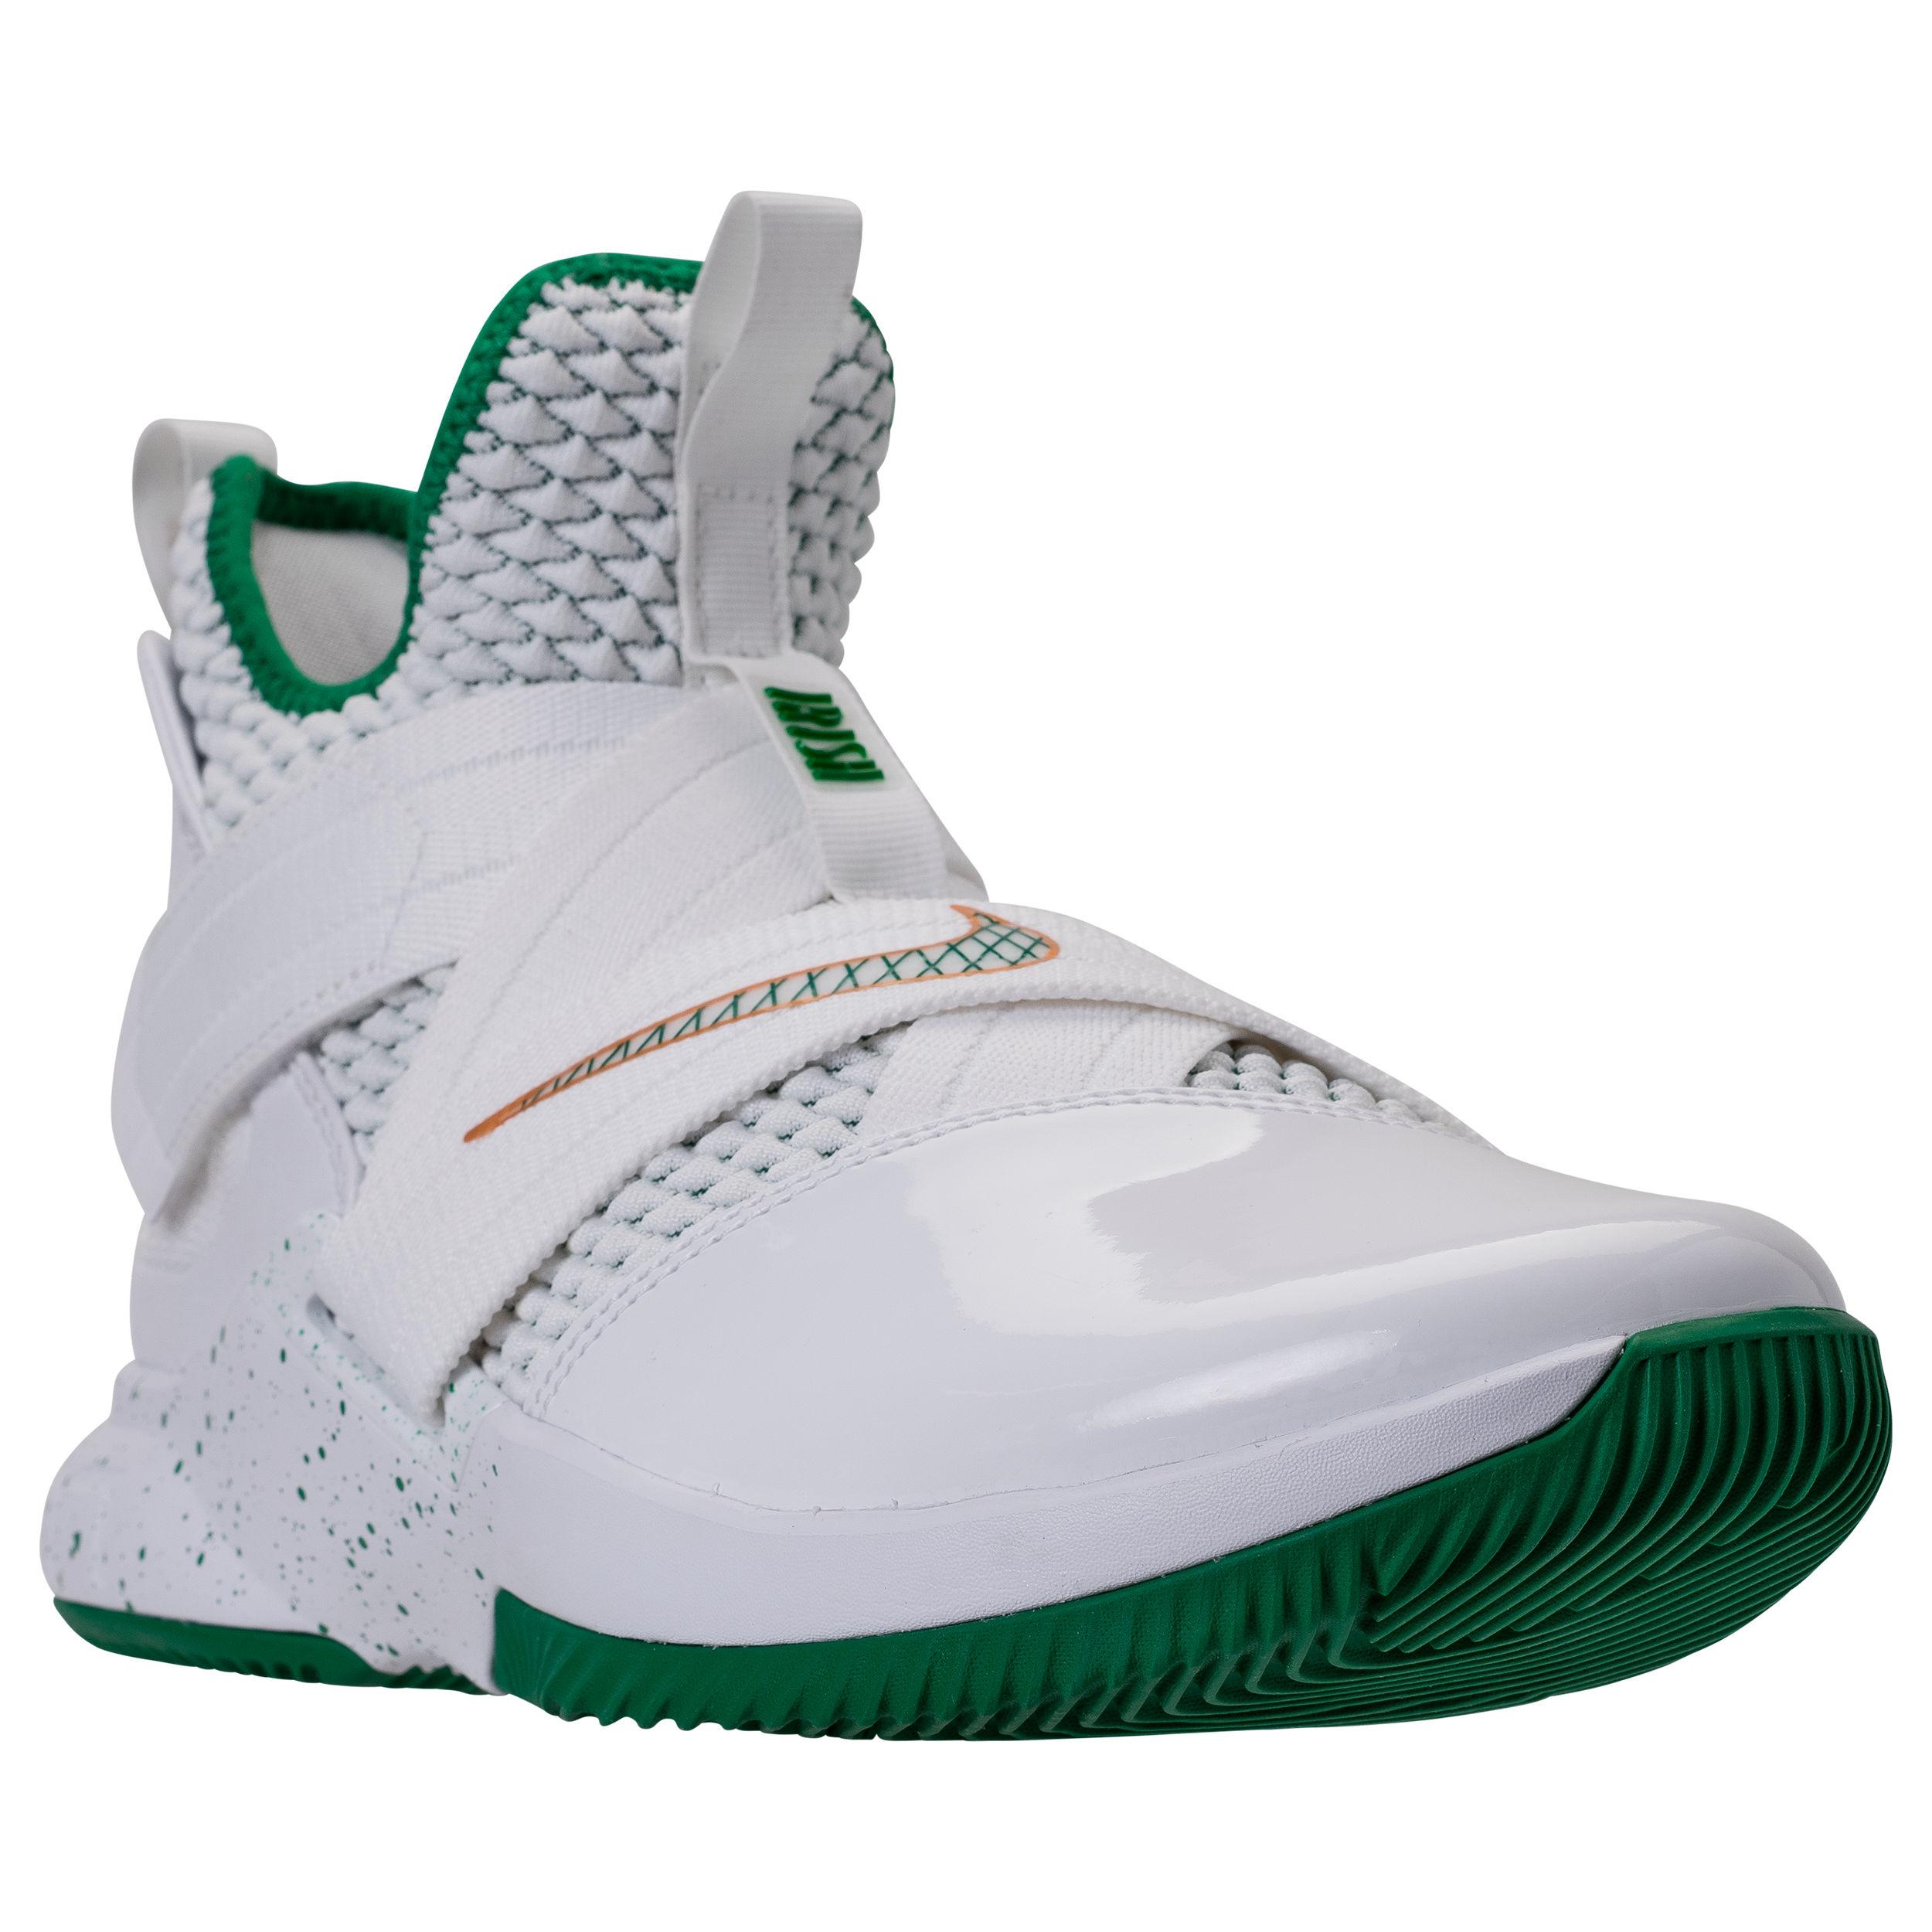 Nike LeBron Soldier 12 SVSM 2 - WearTesters